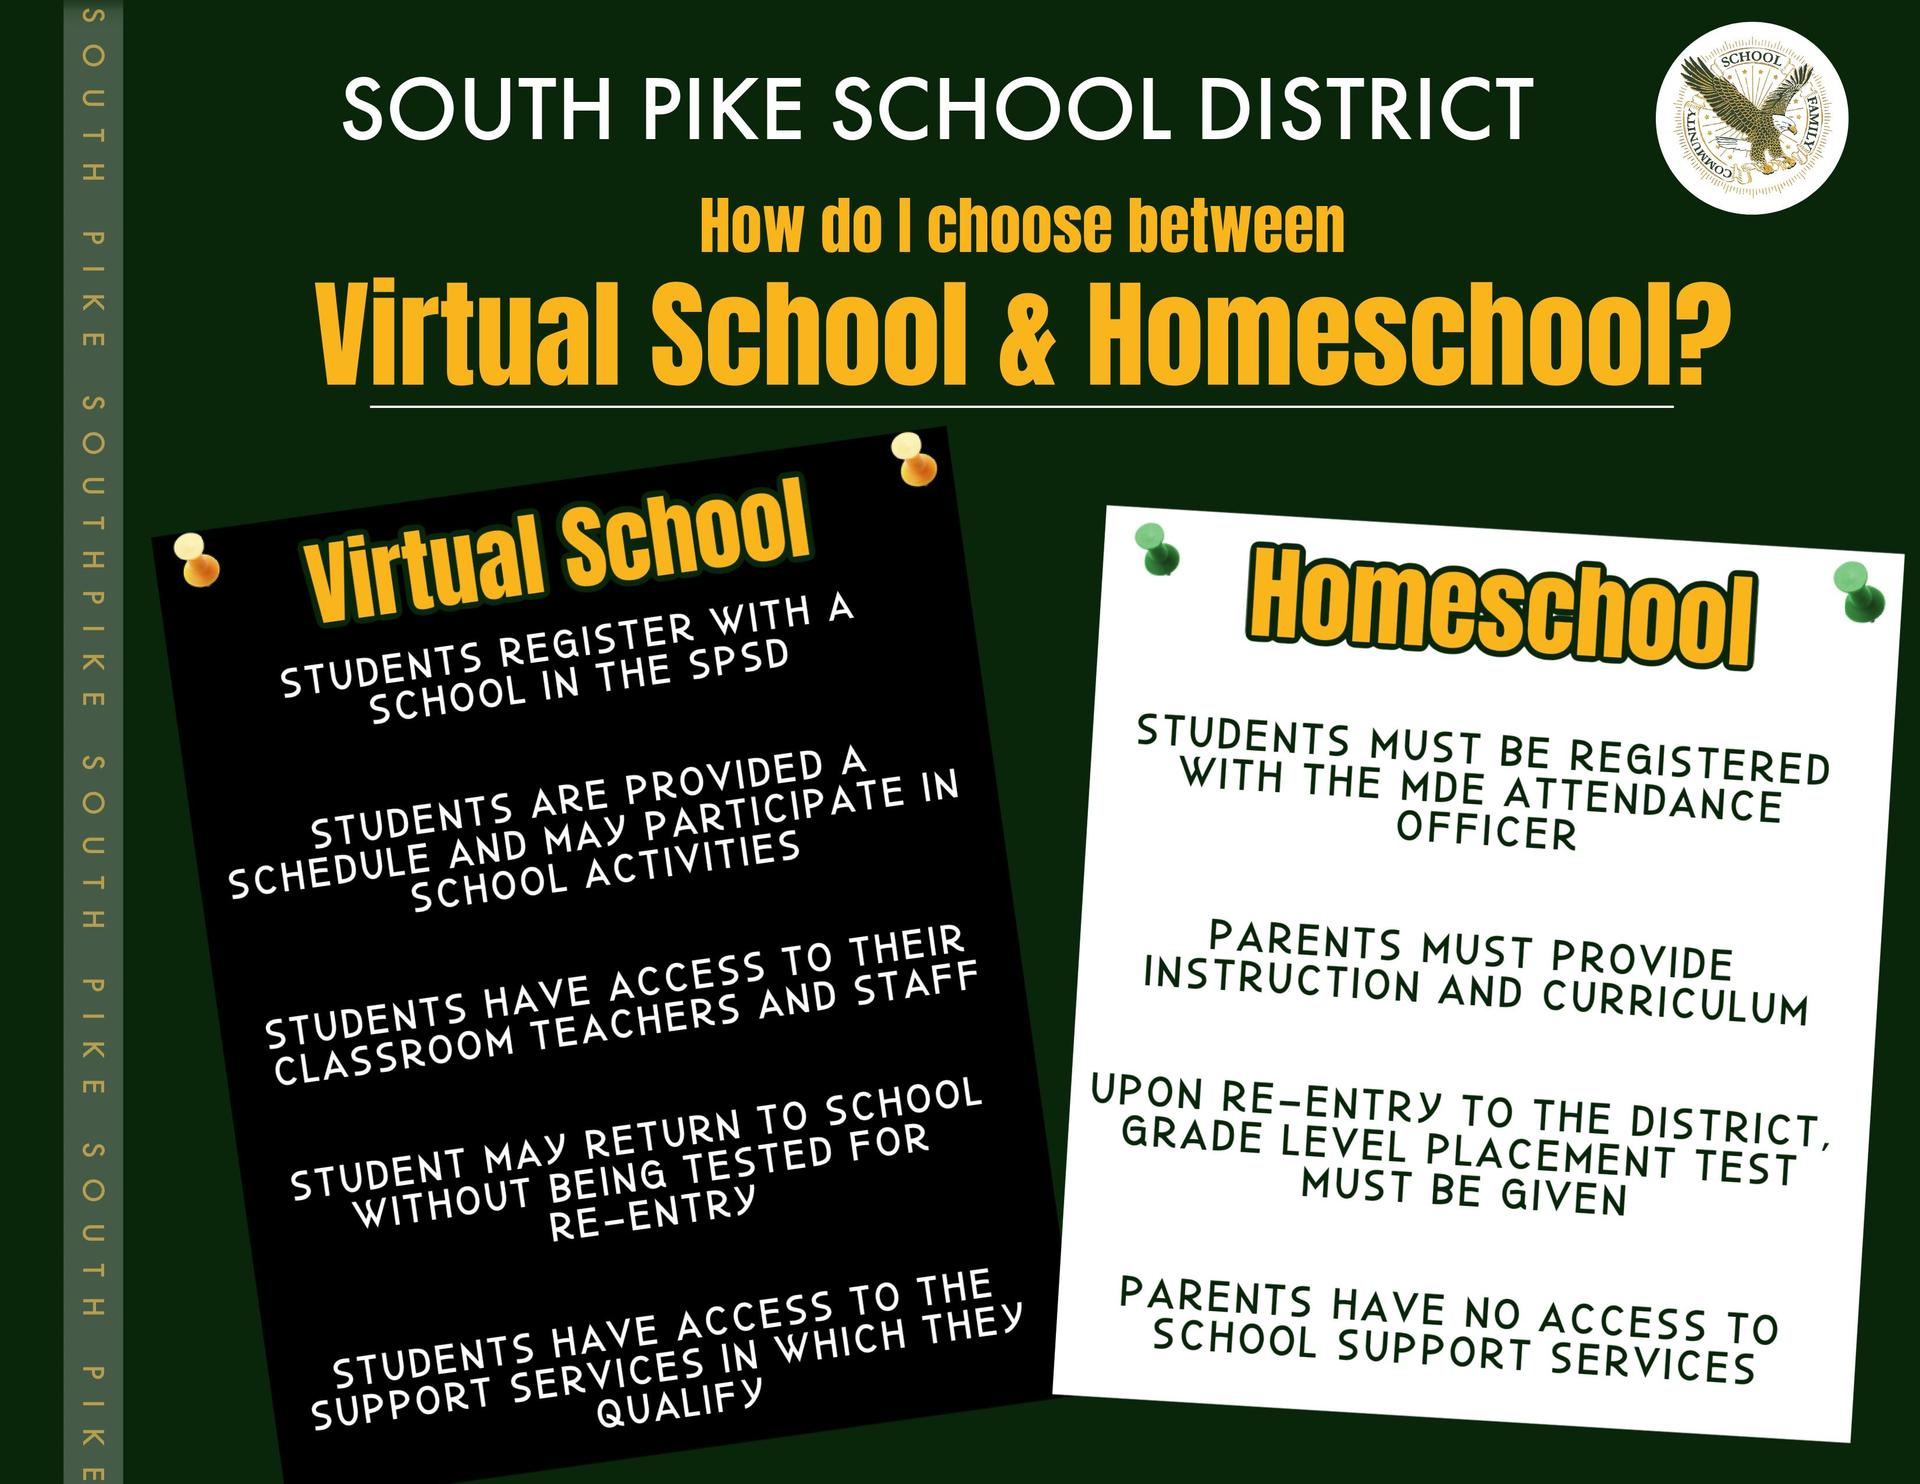 Virtual vs Homeschool